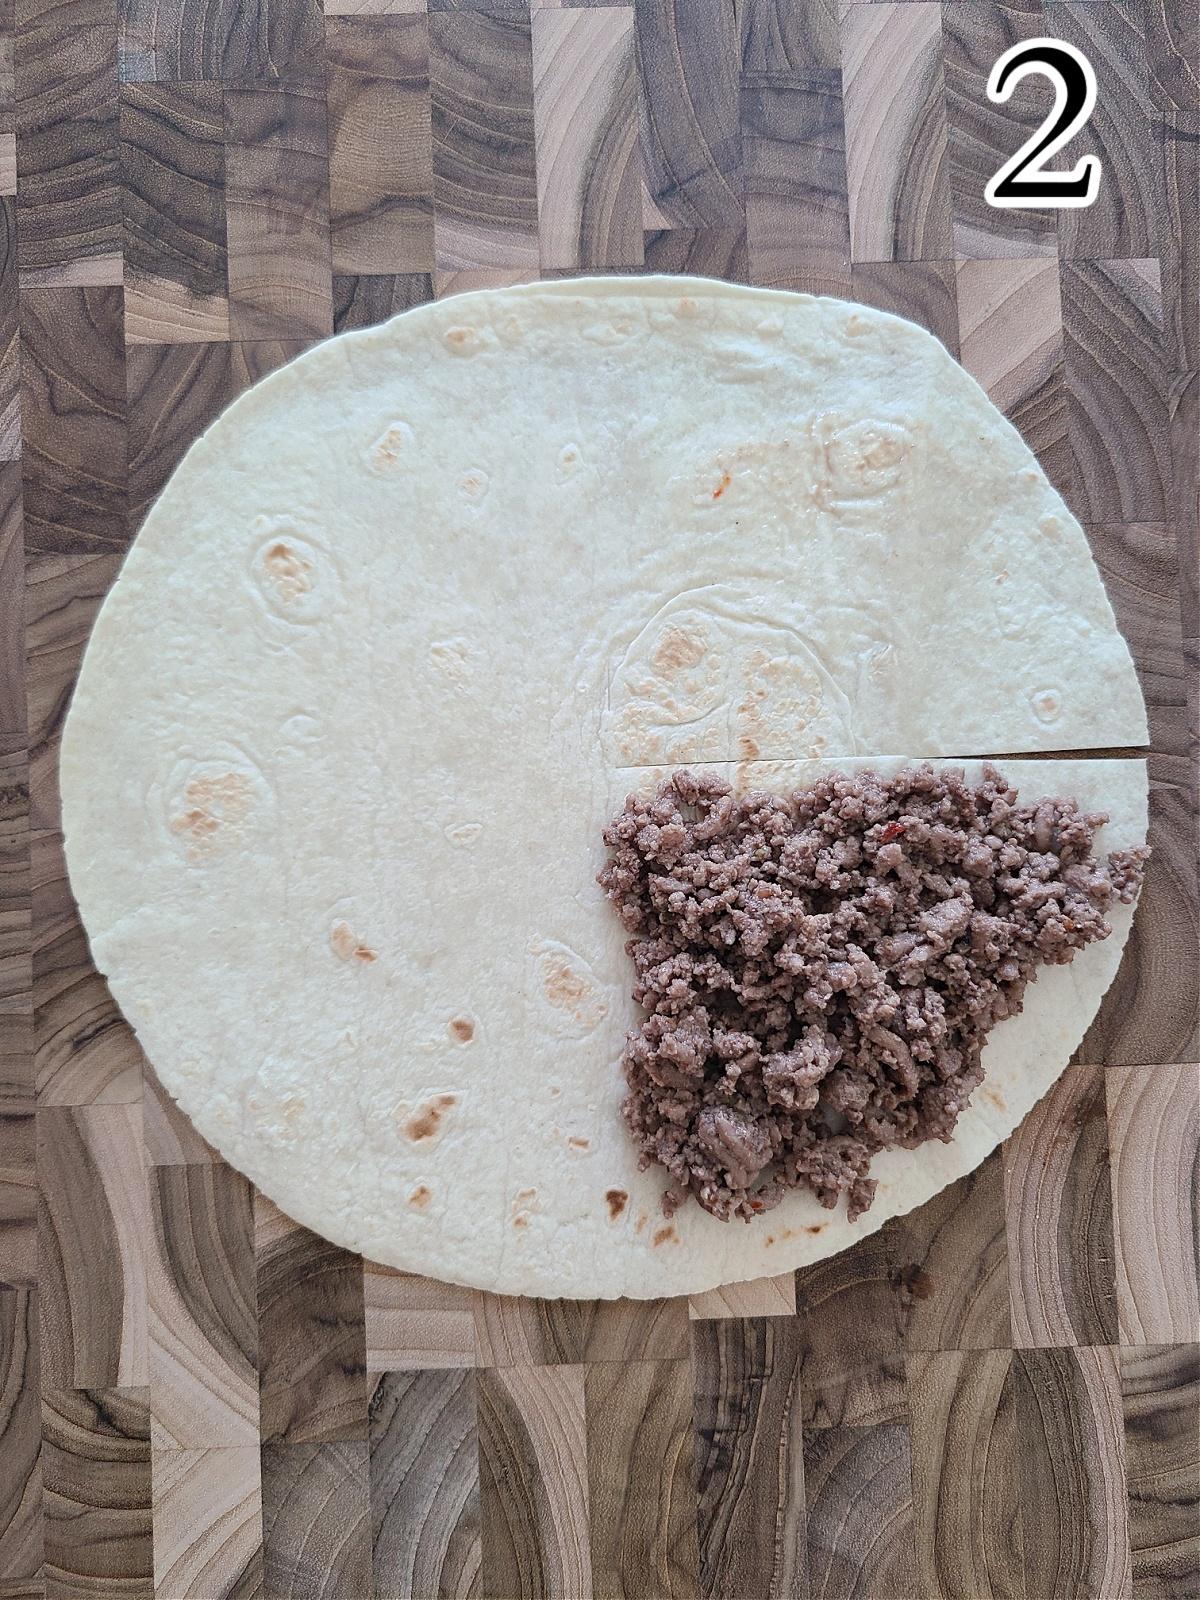 Making BBQ Cheeseburger Stacked Tortilla Quesadillas